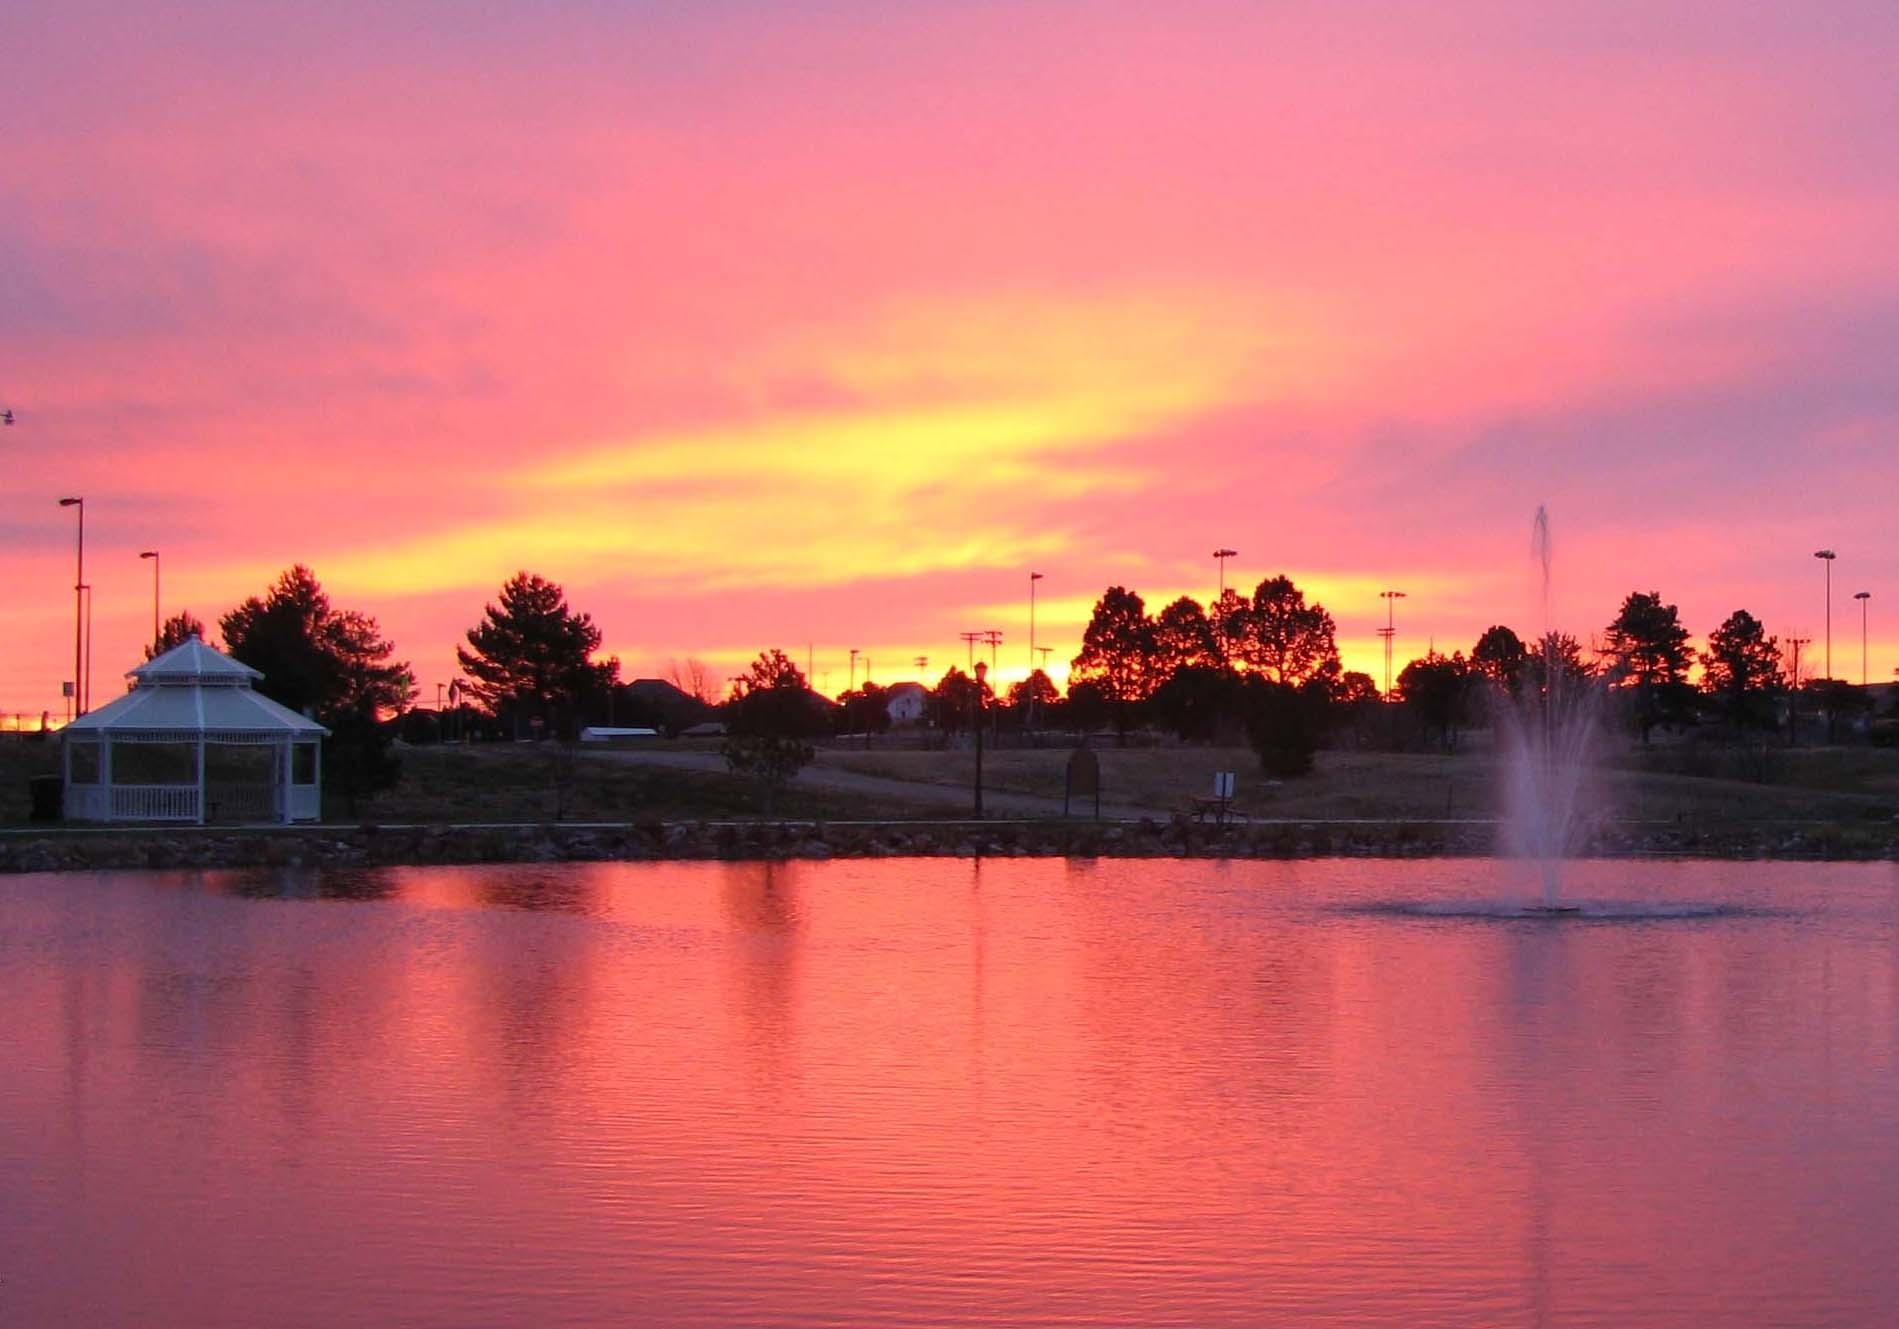 Sidney Legion Park